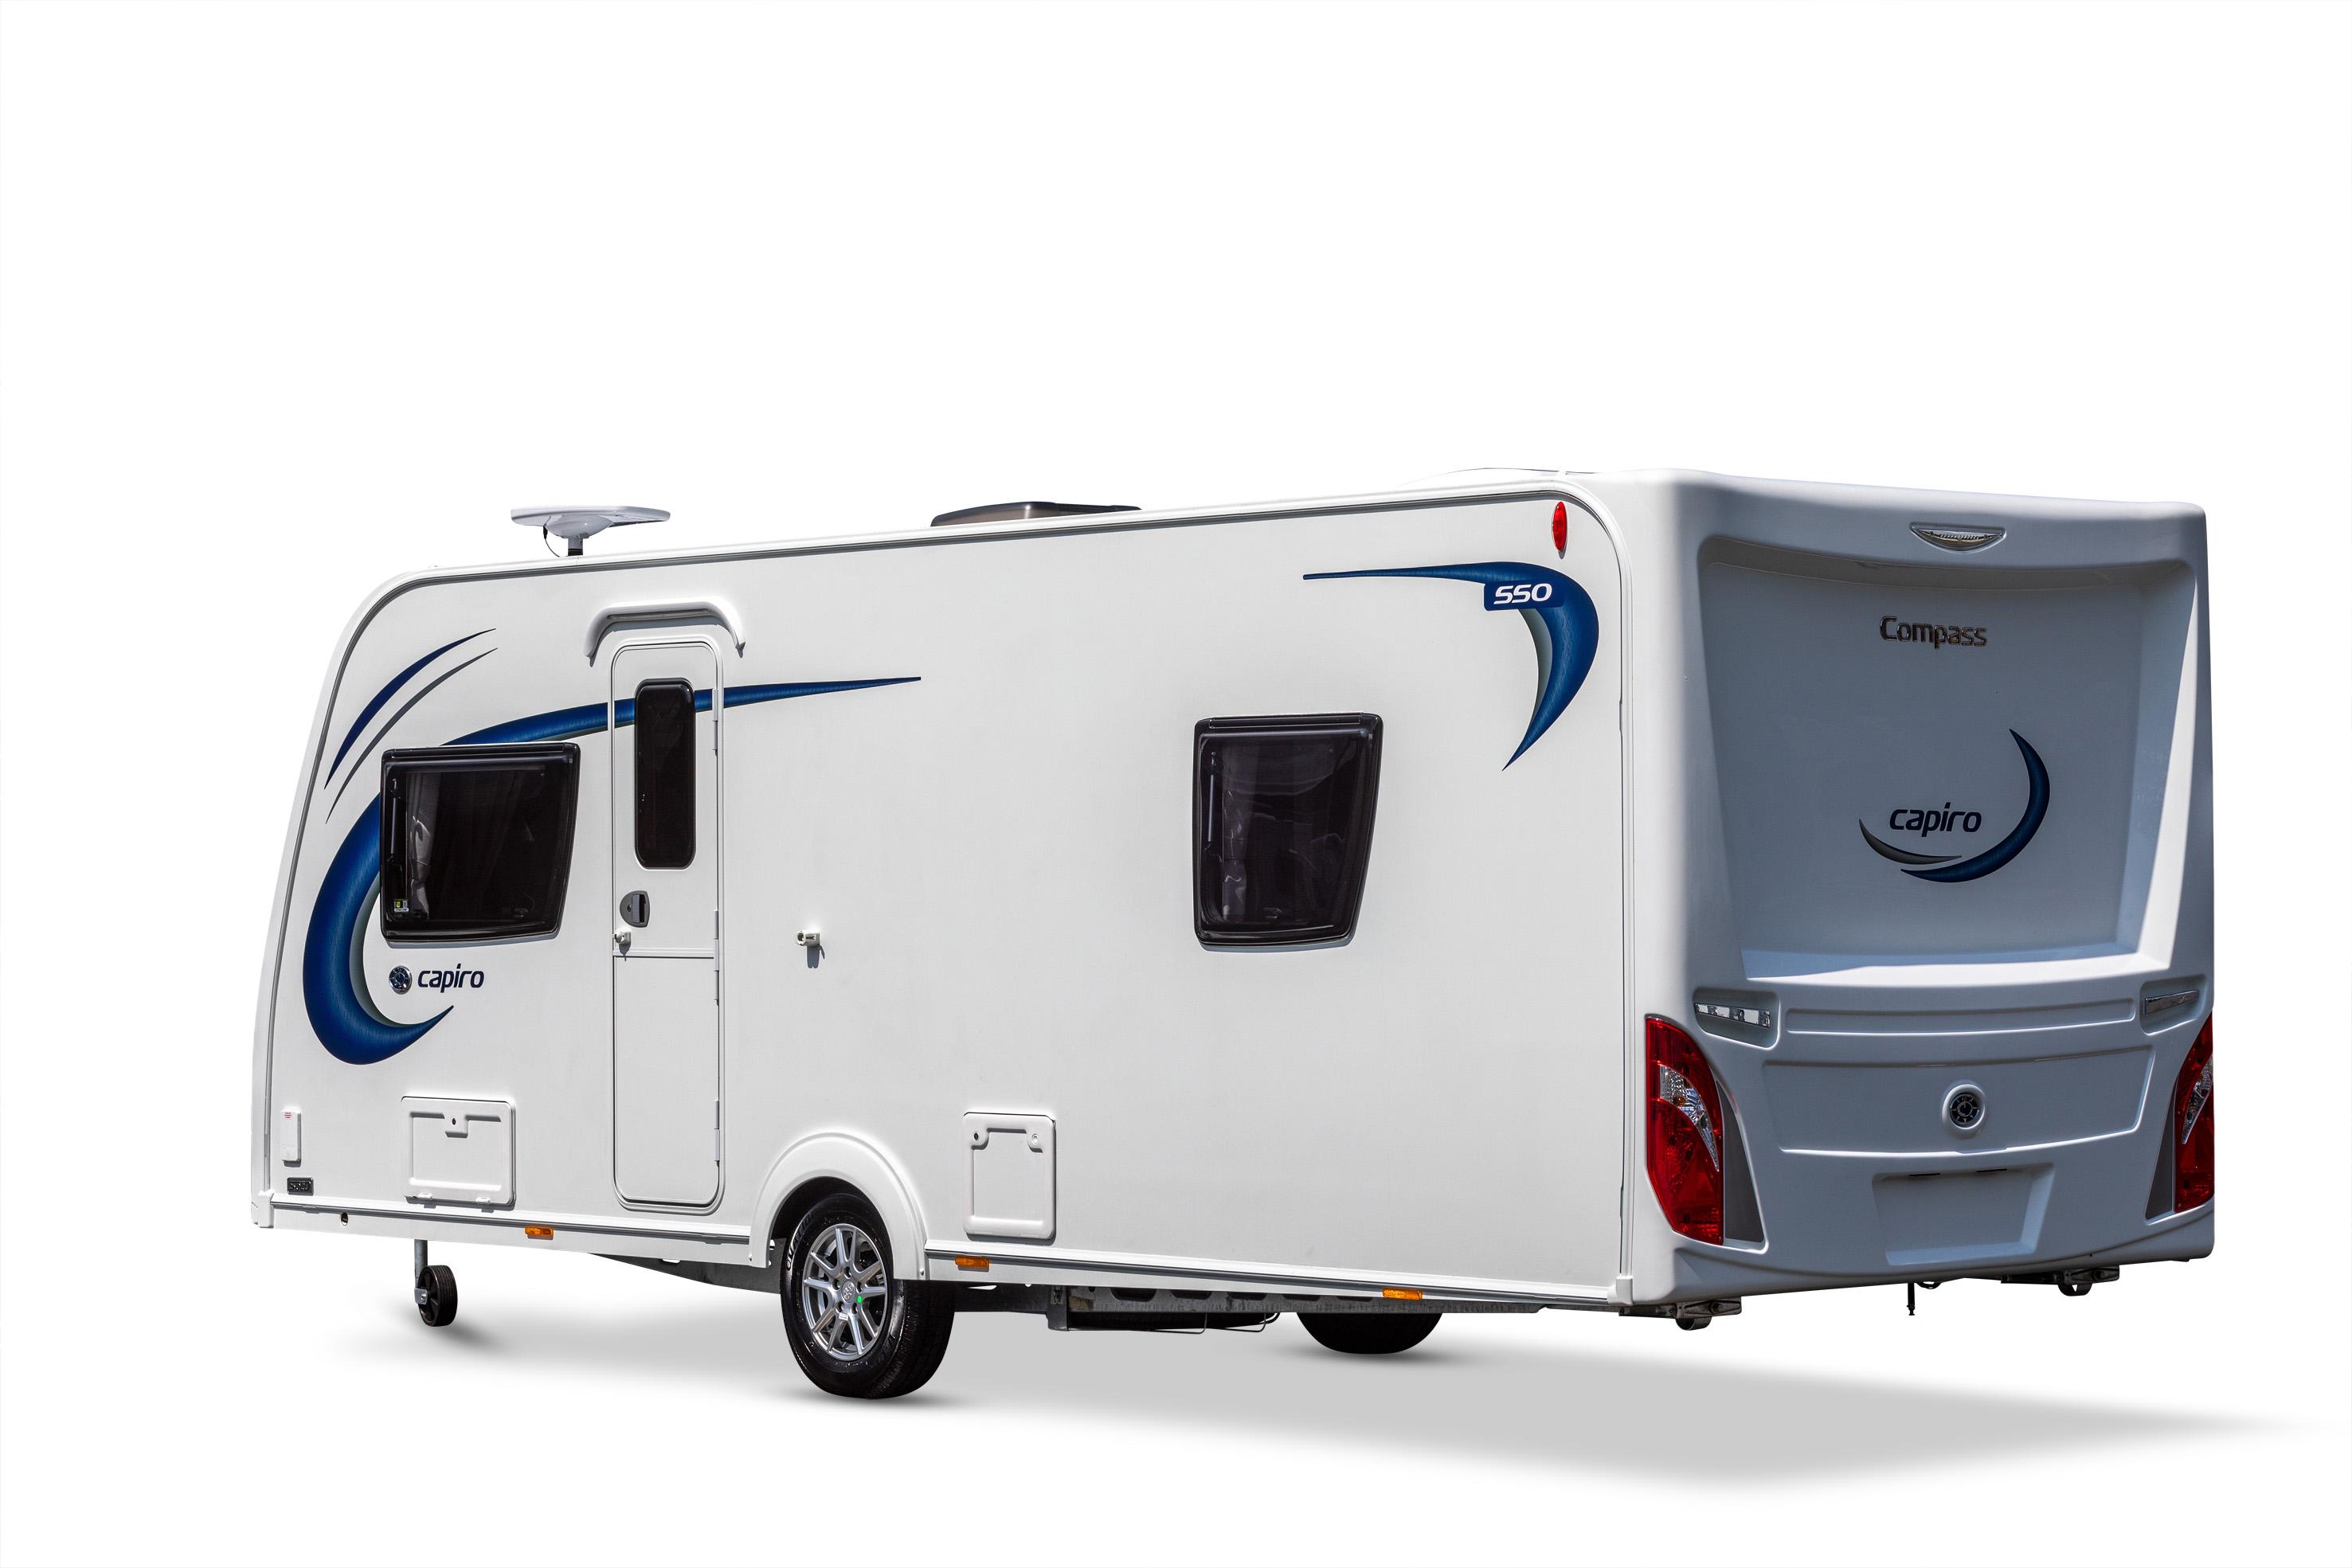 Capiro 550